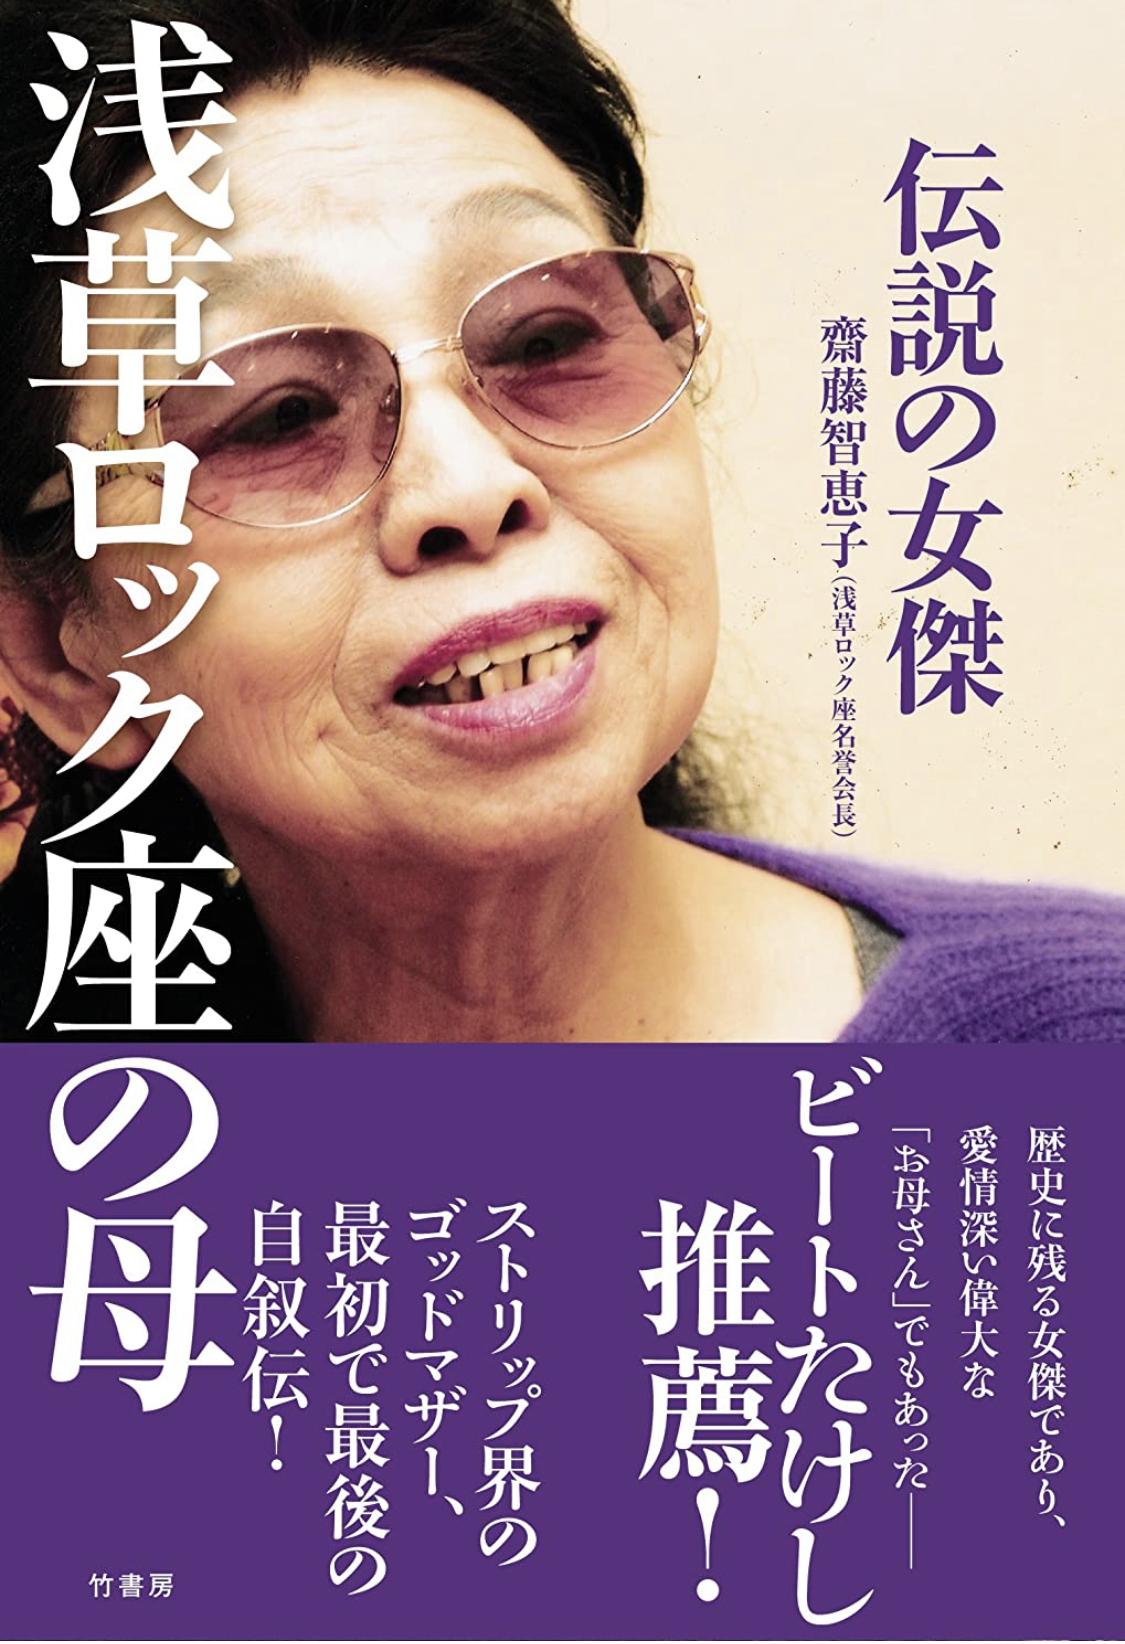 伝説の女傑 浅草ロック座の母/齋藤智恵子